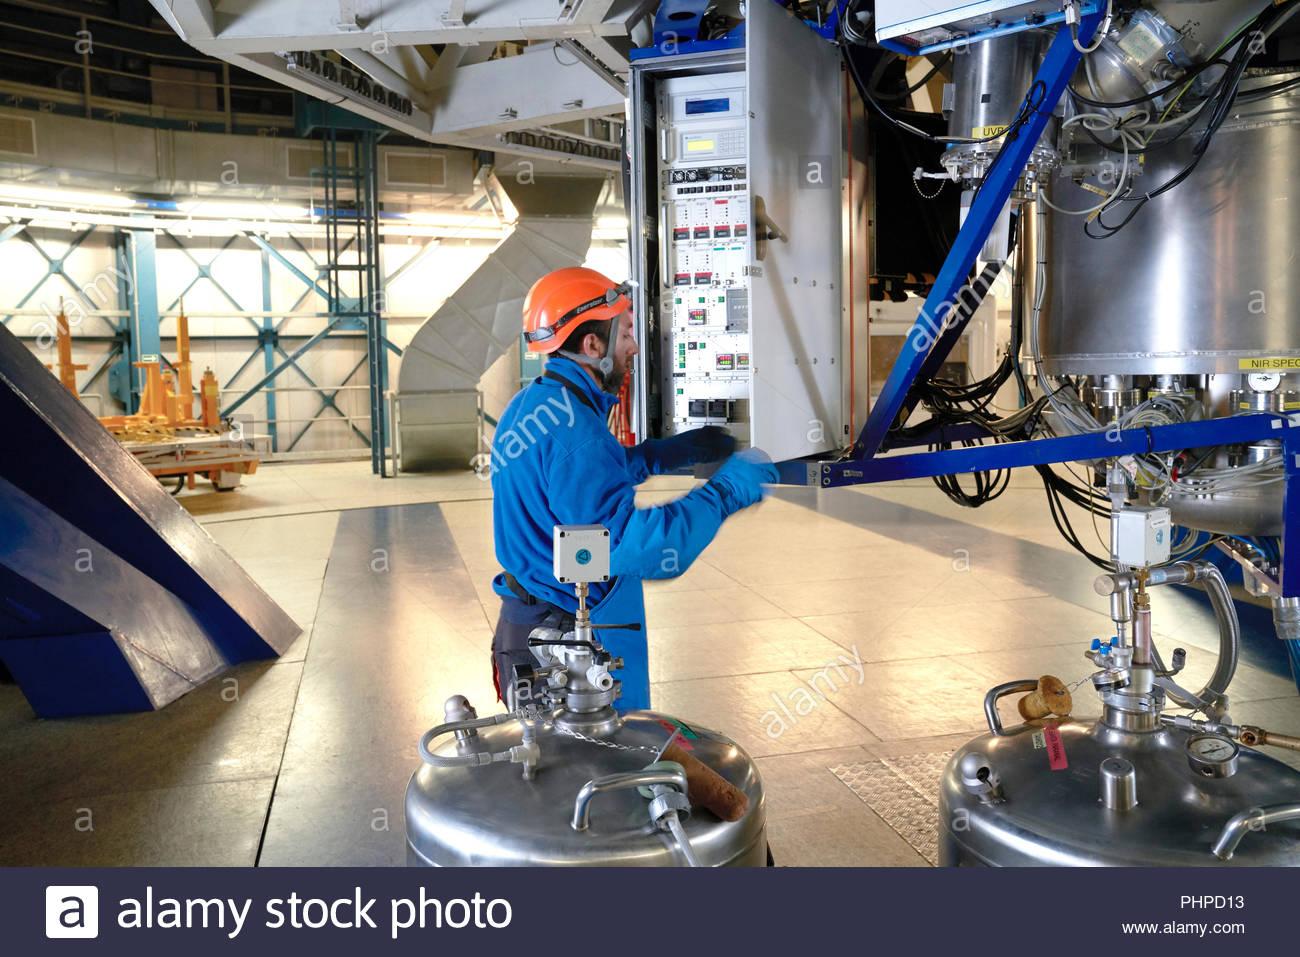 El astrónomo ajustando la maquinaria en Paranal Observatorio en Chile Foto de stock